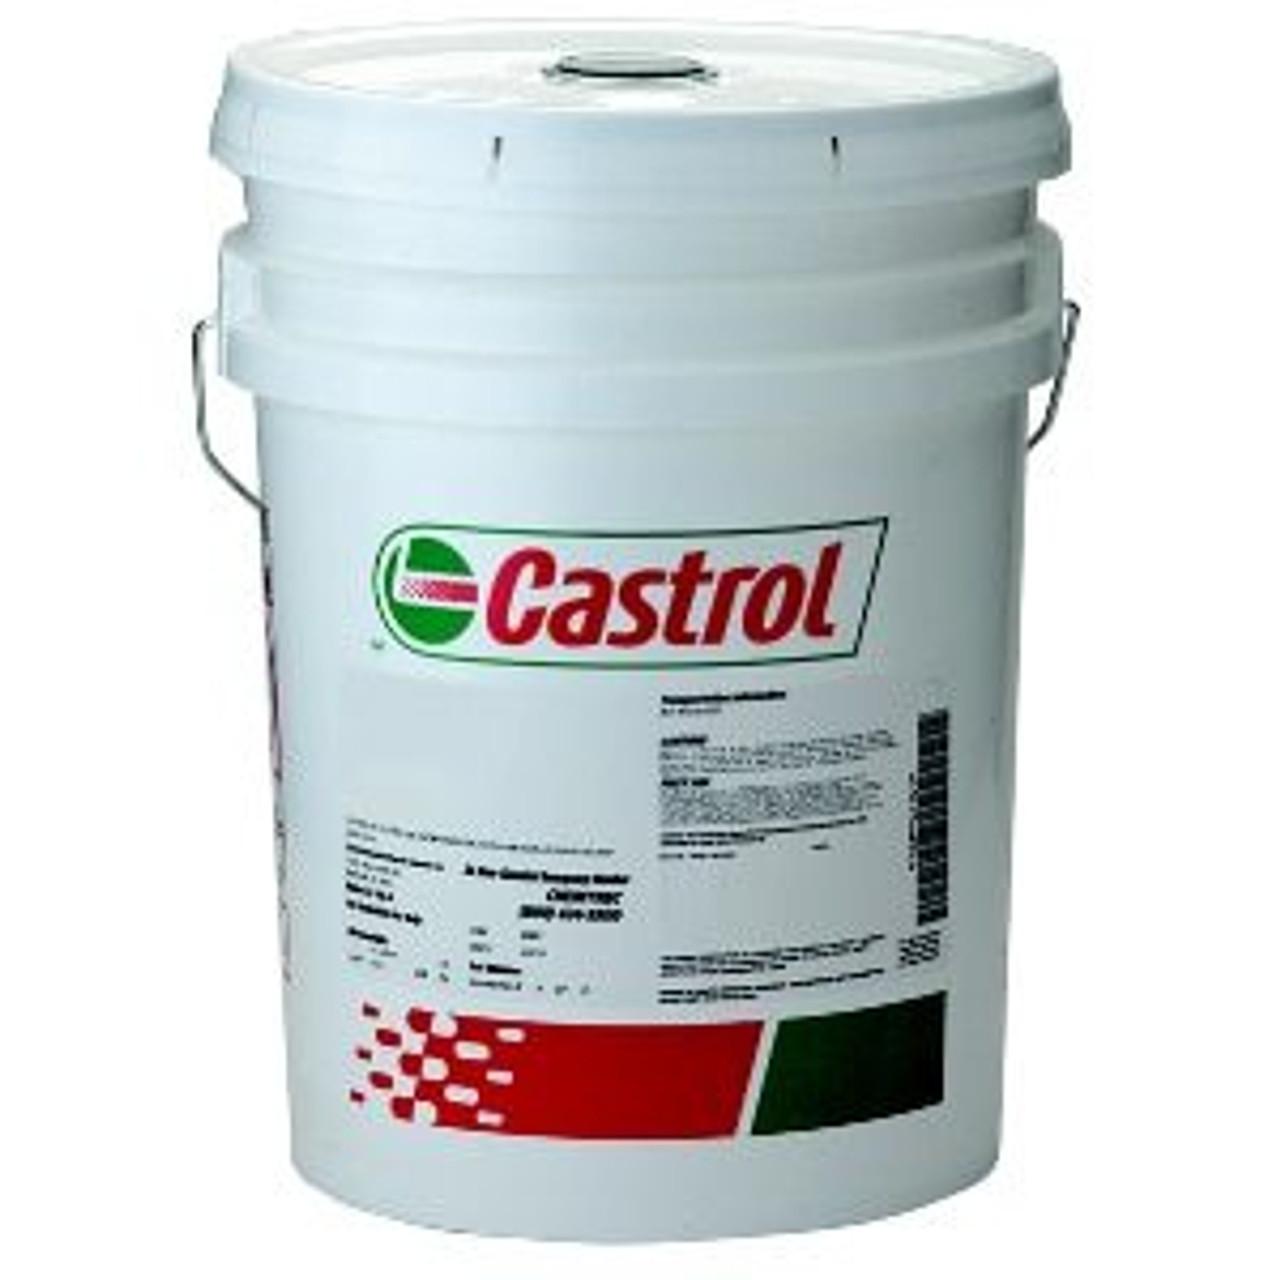 Castrol Optigear  BM 220 Mineral Gear Oil 35 LB Pail 61220-AEPL